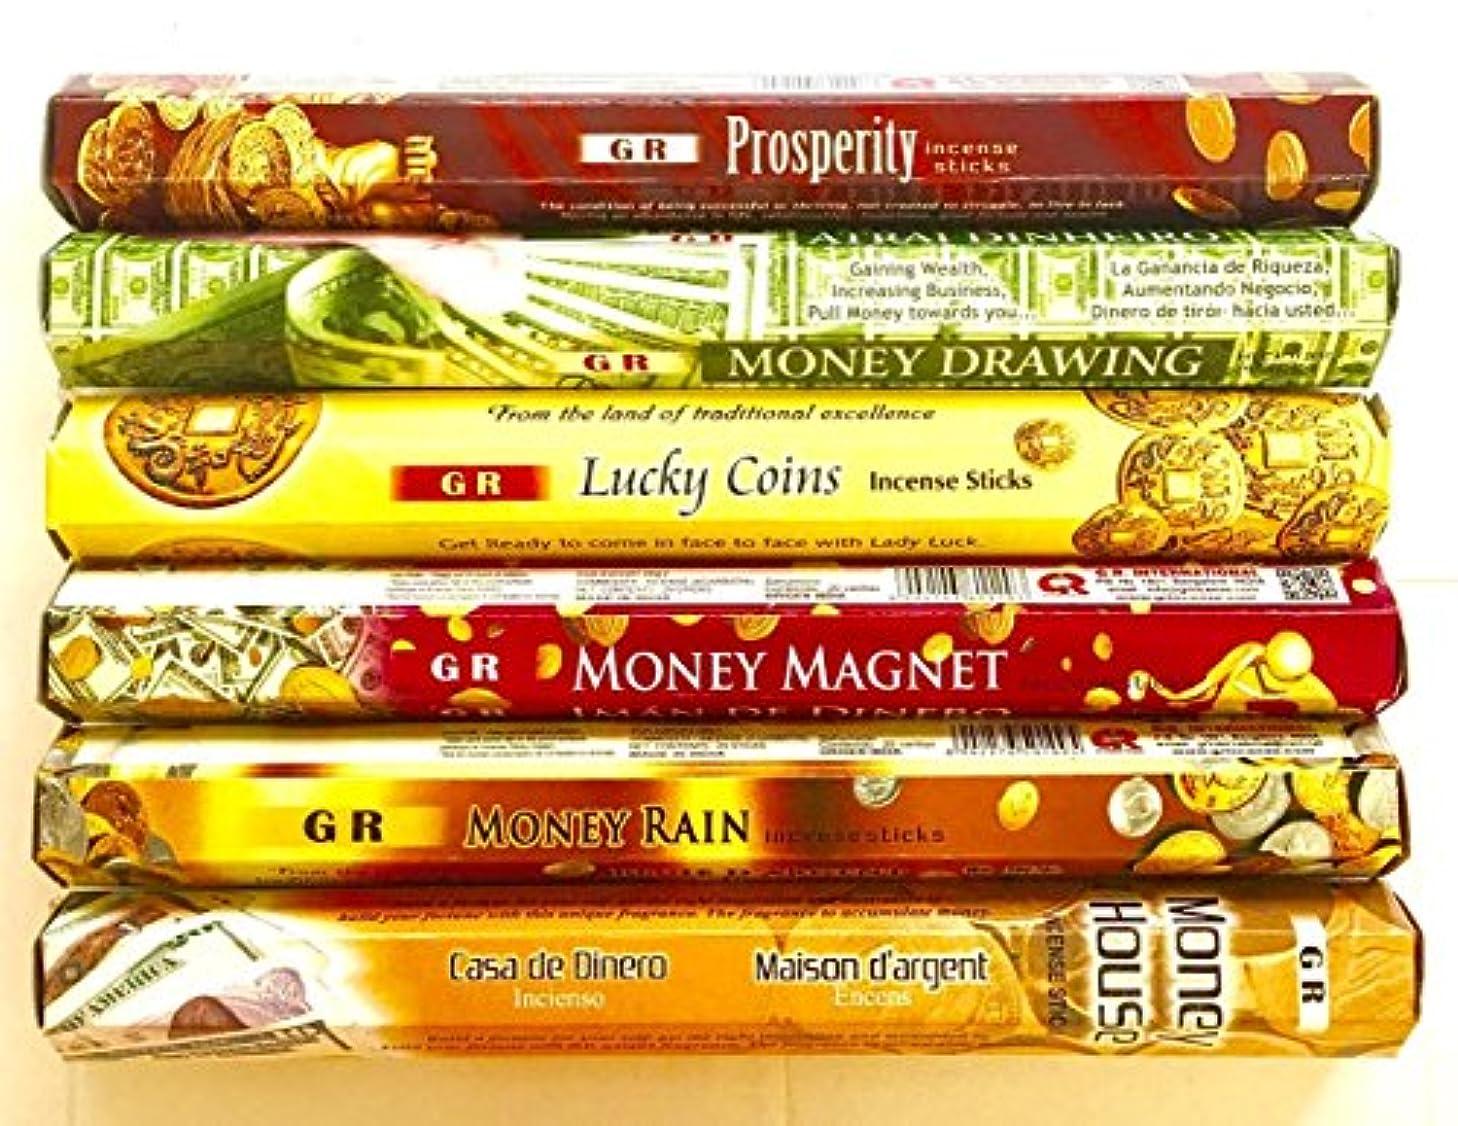 あいにく上級克服するGR Incense Sticks Best Sellers 6ボックスX 20スティック、Variety Pack (# 1 )